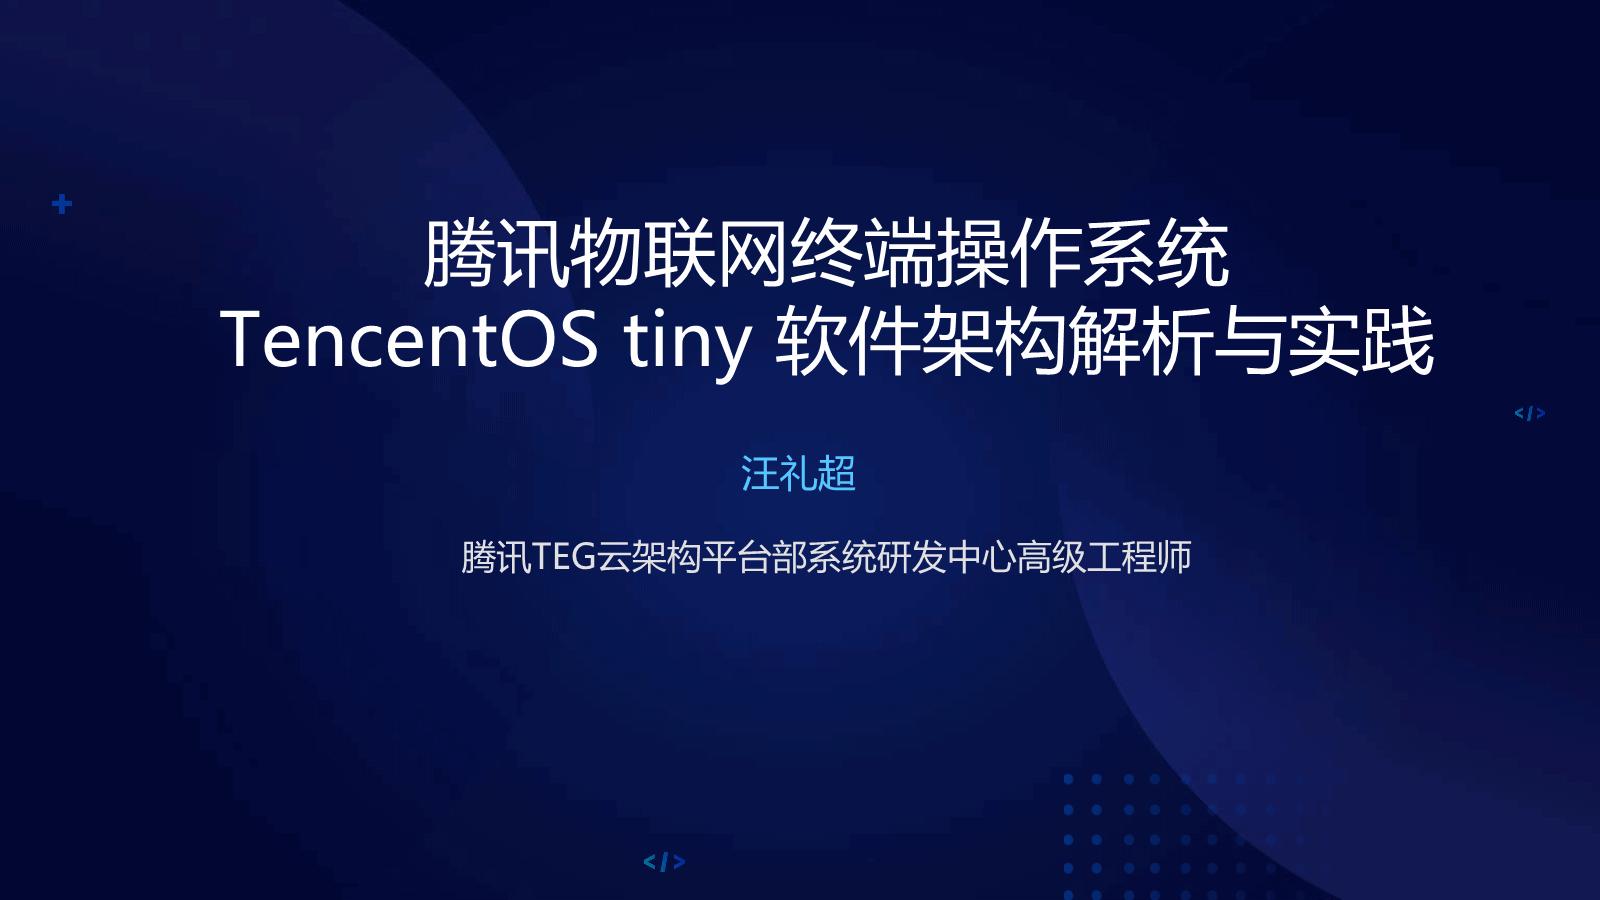 汪礼超-腾讯物联网终端操作系统TencentOS tiny软件架构解析与实践